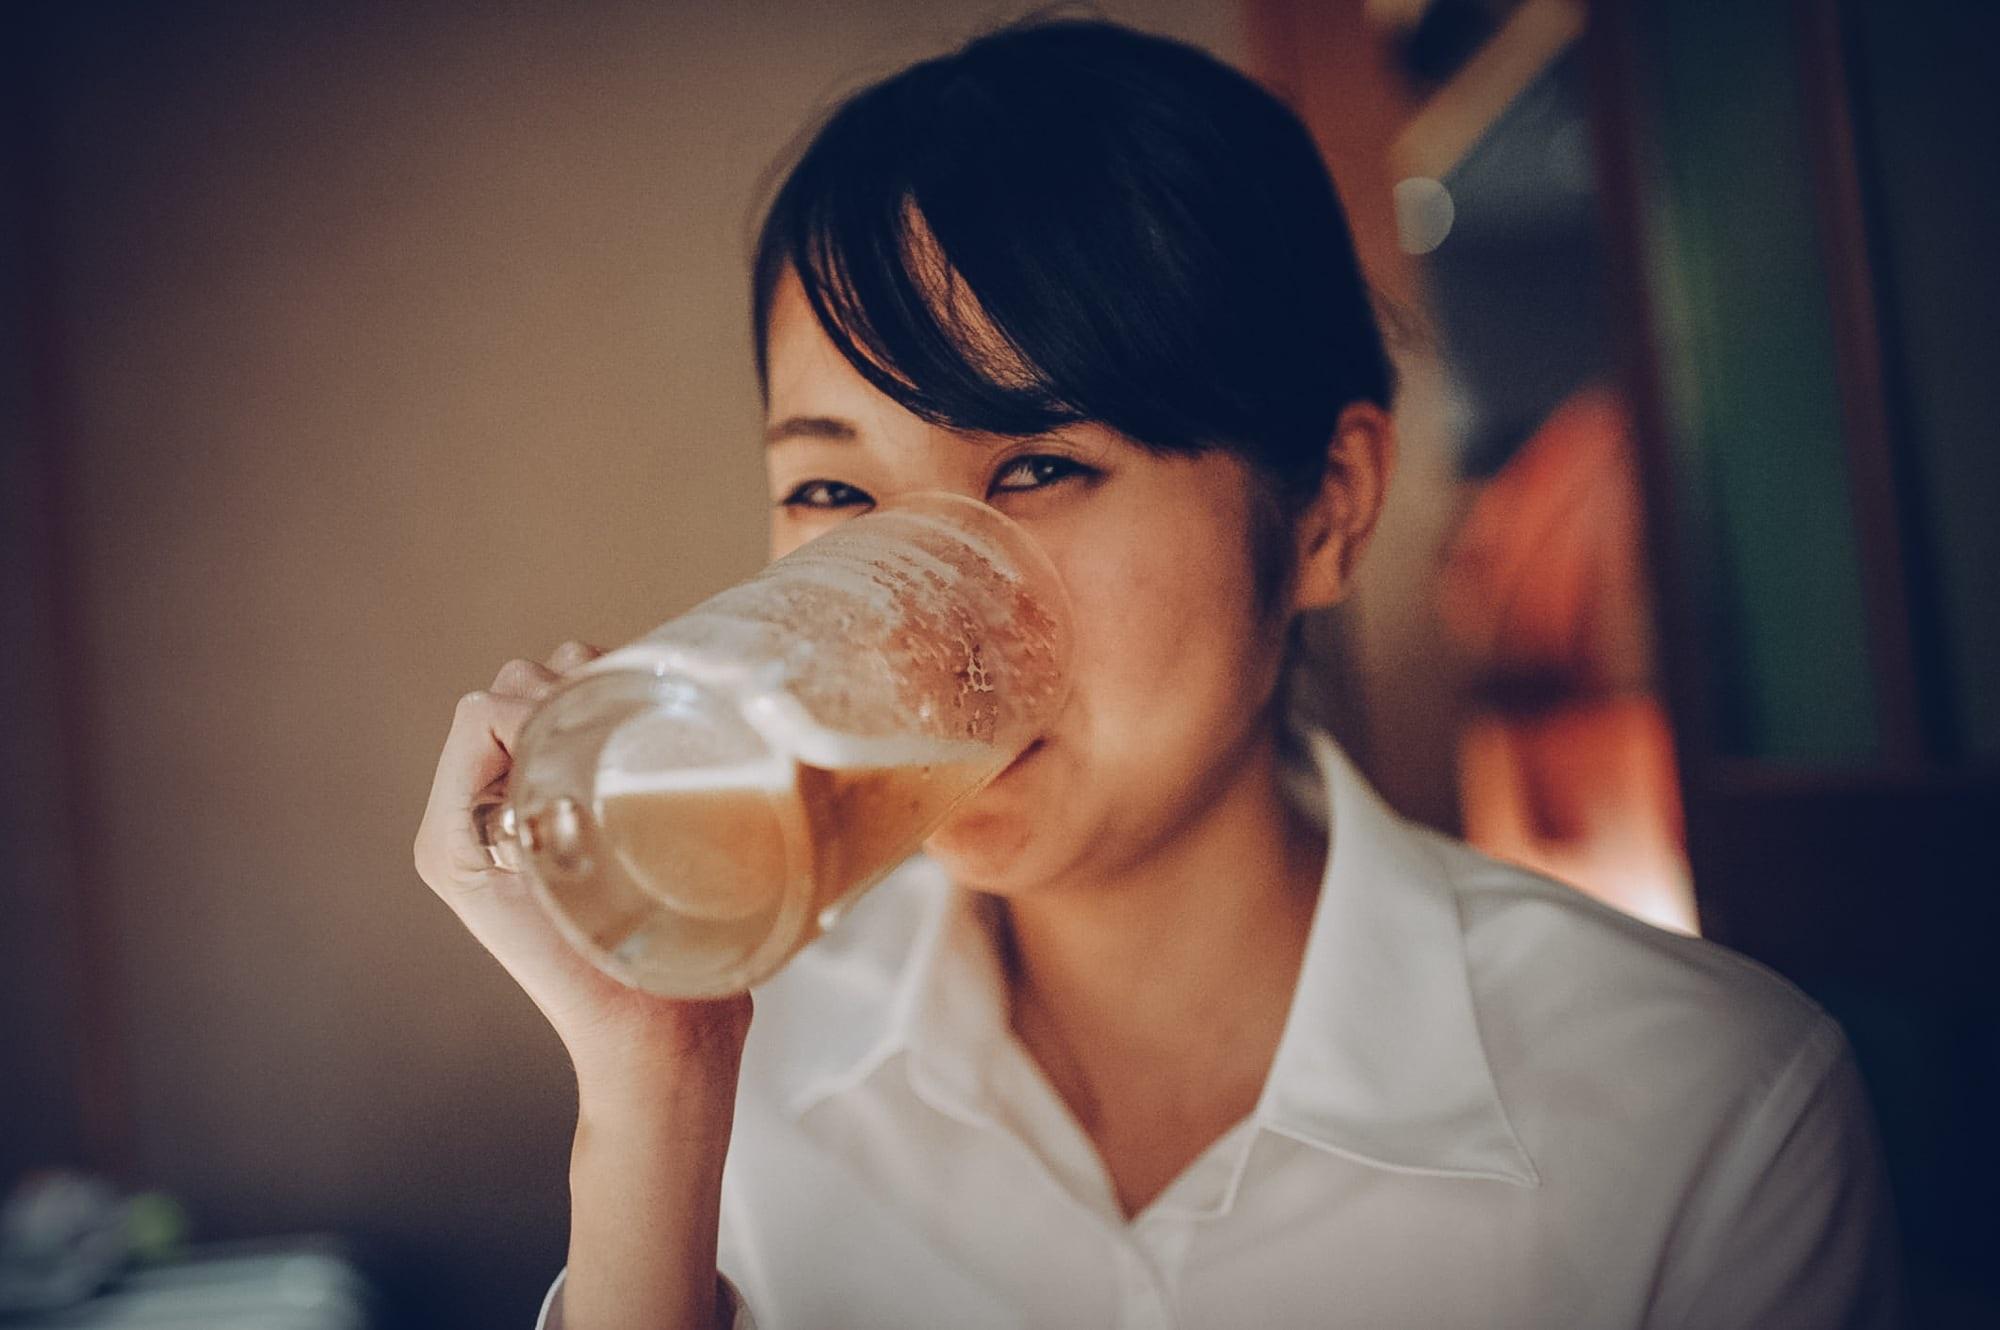 Thực hư việc bà bầu uống bia sinh con da trắng hồng, sạch sẽ - Ảnh 1